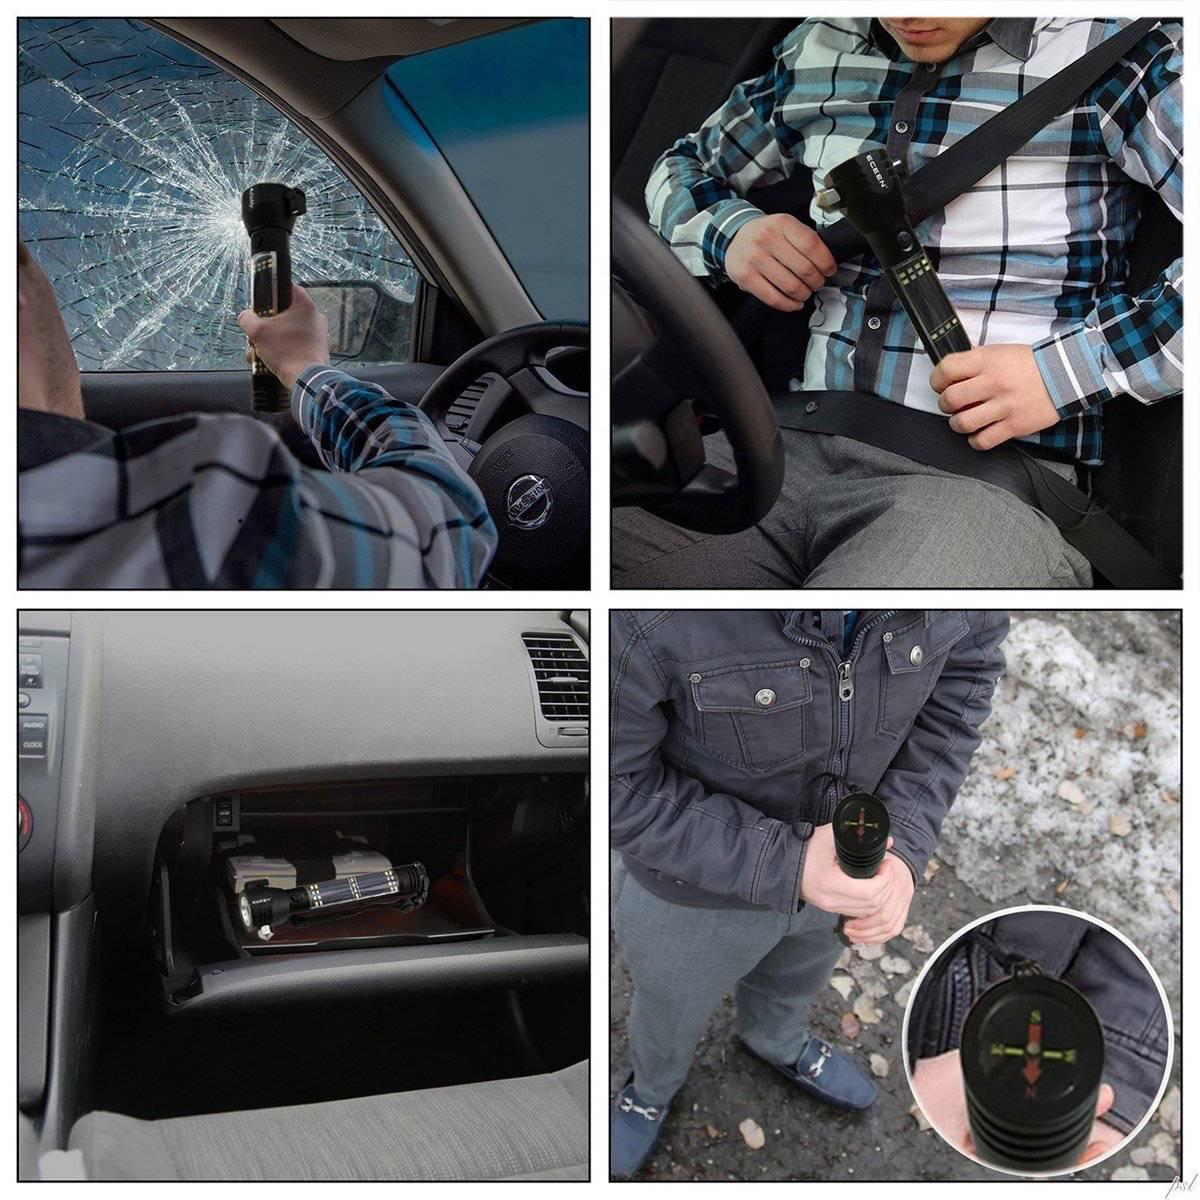 ECEEN Multi-function flashlight tool window breaker seatbelt cutter